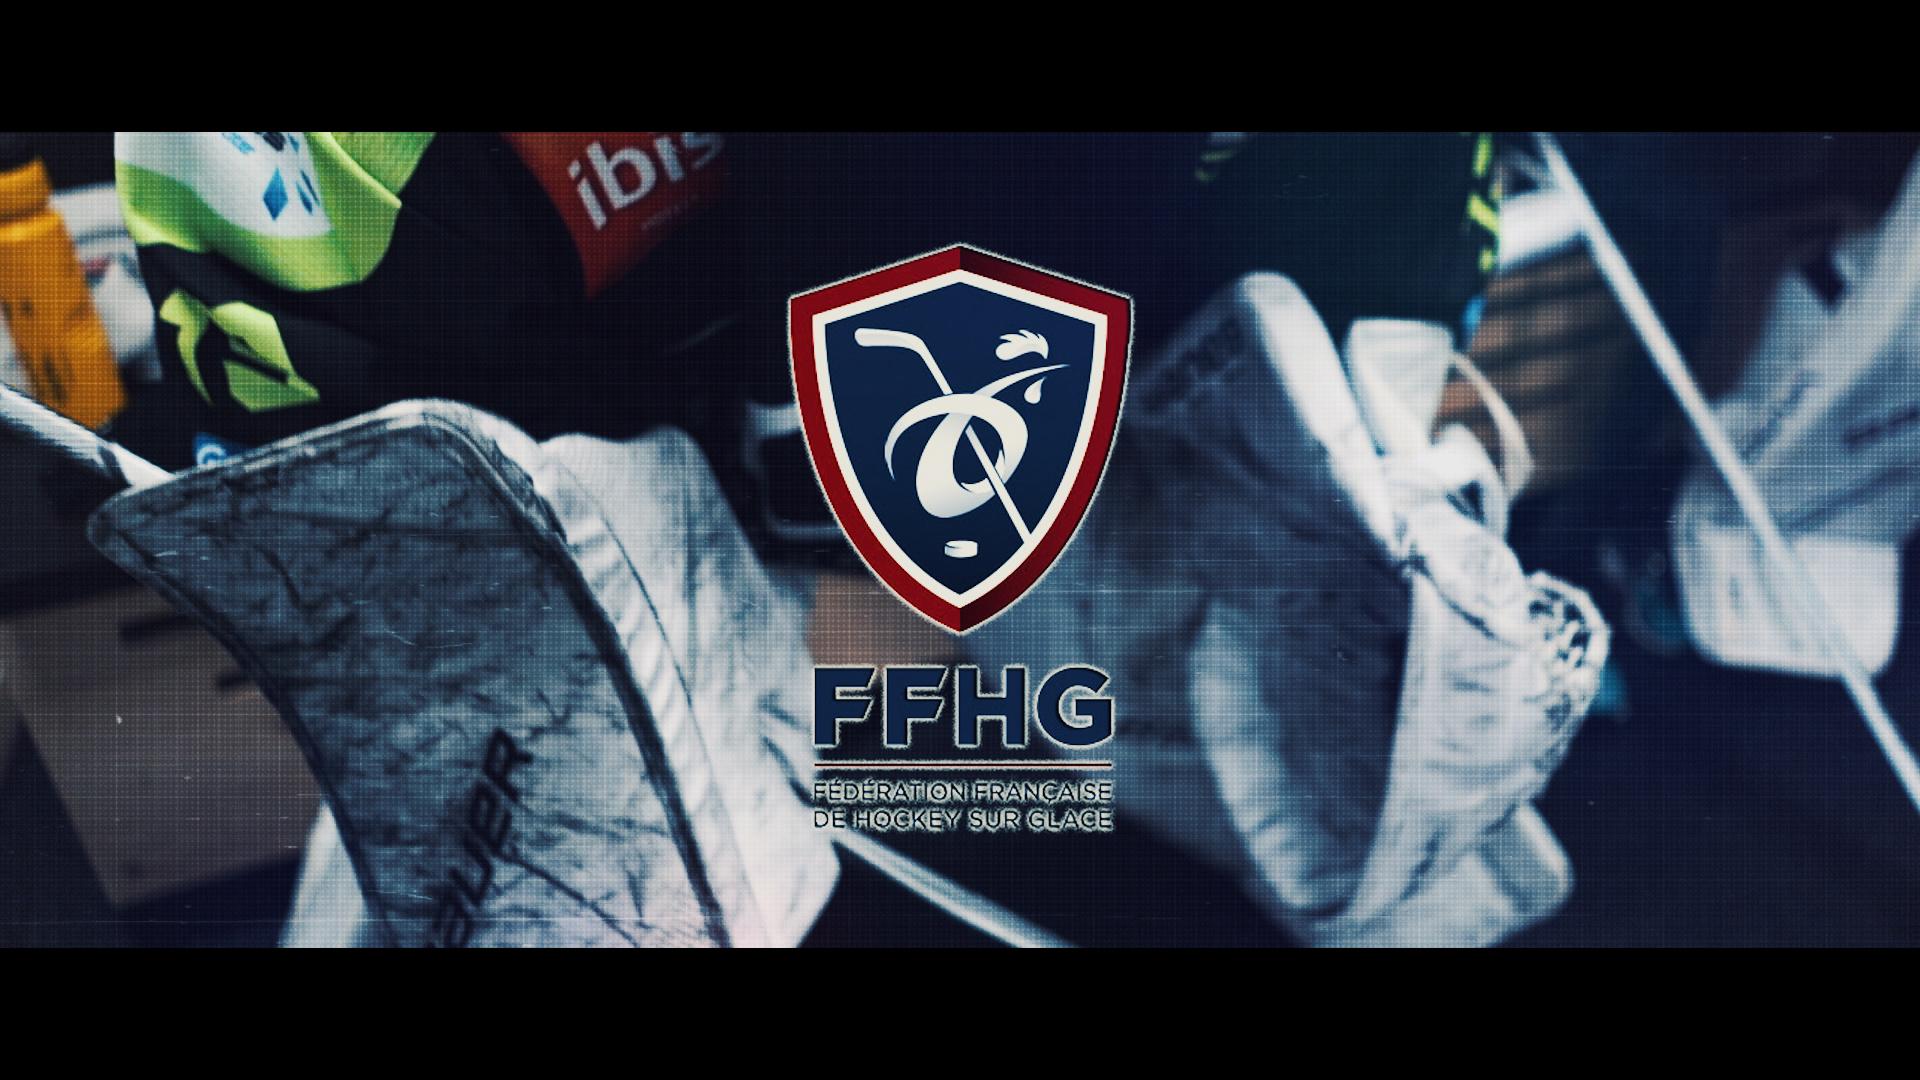 EHC Playoffs 2019/2020